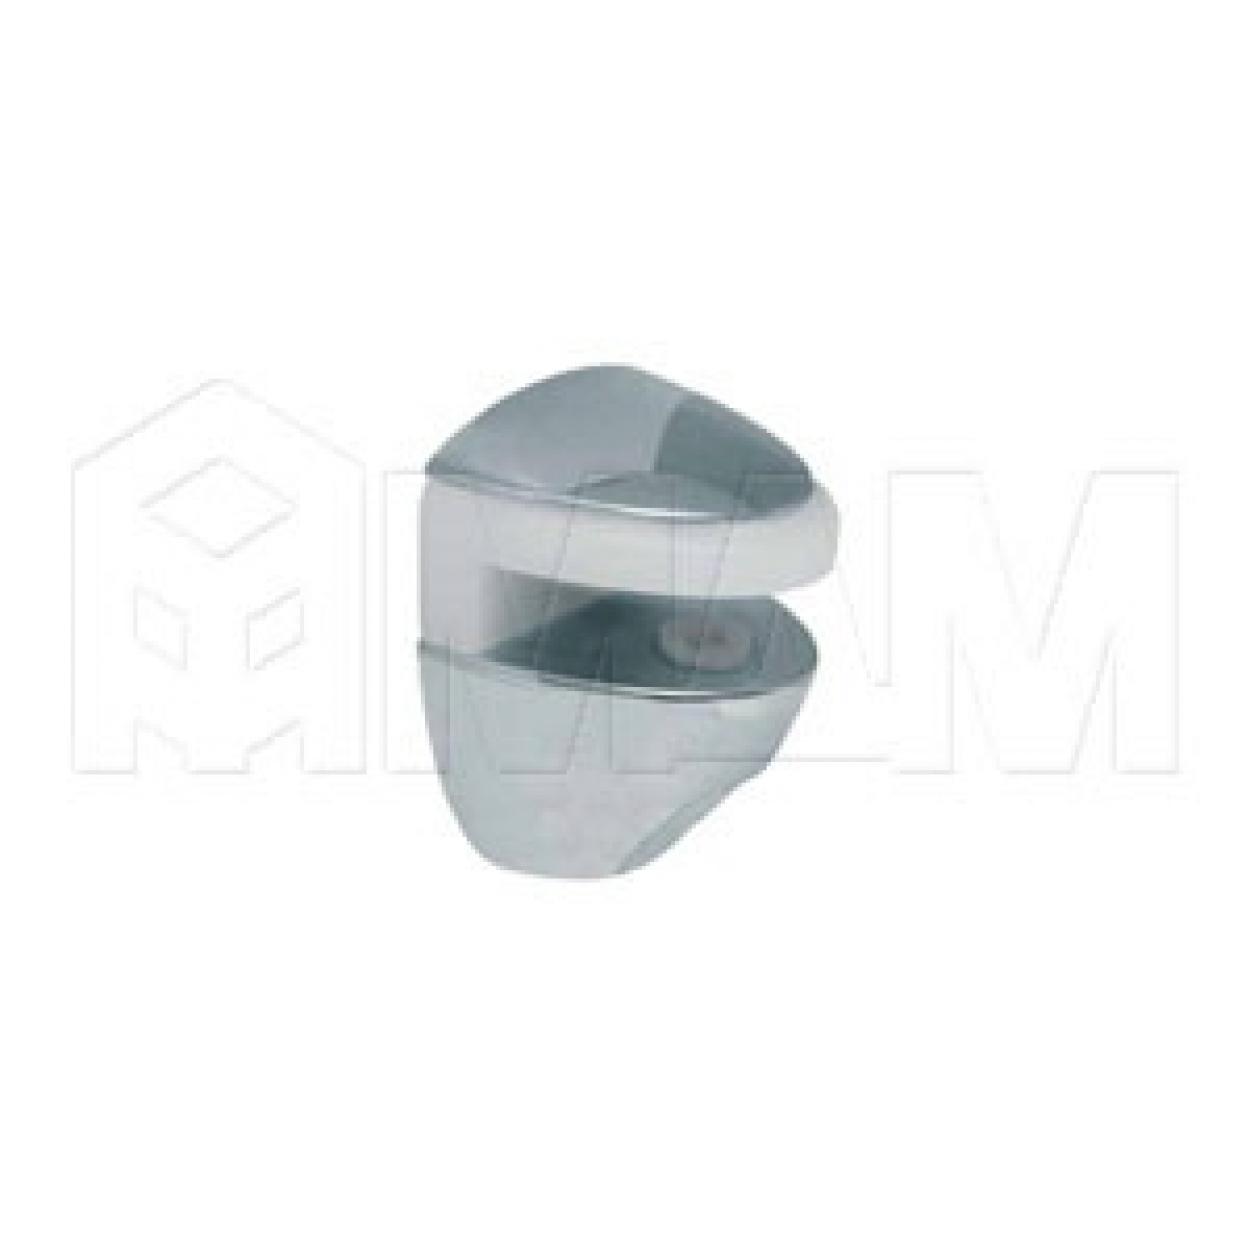 COBRA Полкодержатель для стеклянных полок толщиной 5-6 мм, под саморез, хром